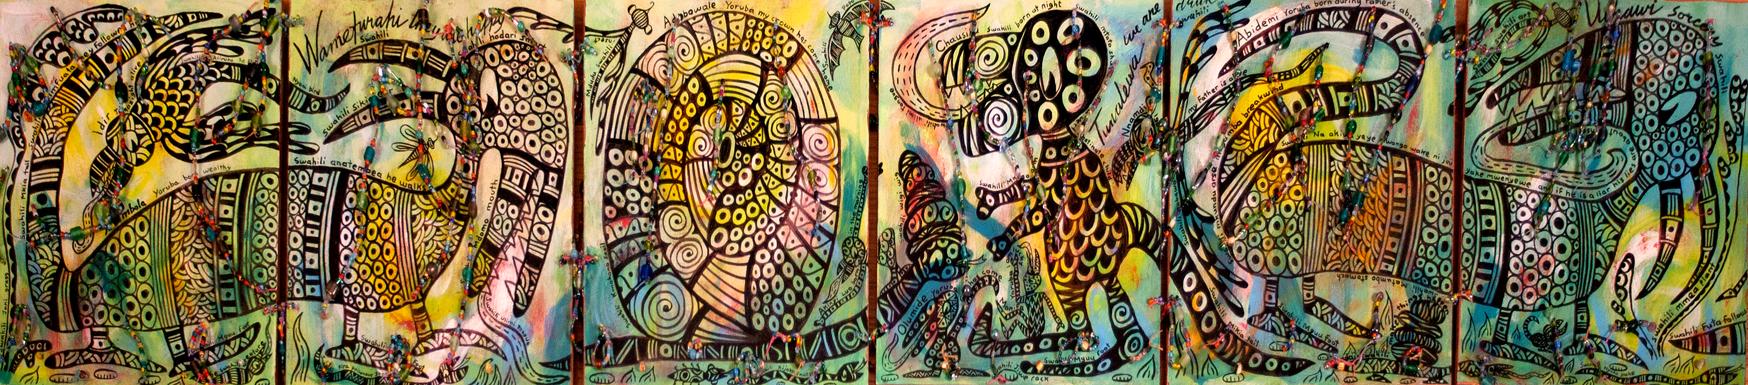 WAKARUKARUKA | AN ARTIST BOOK (2013)